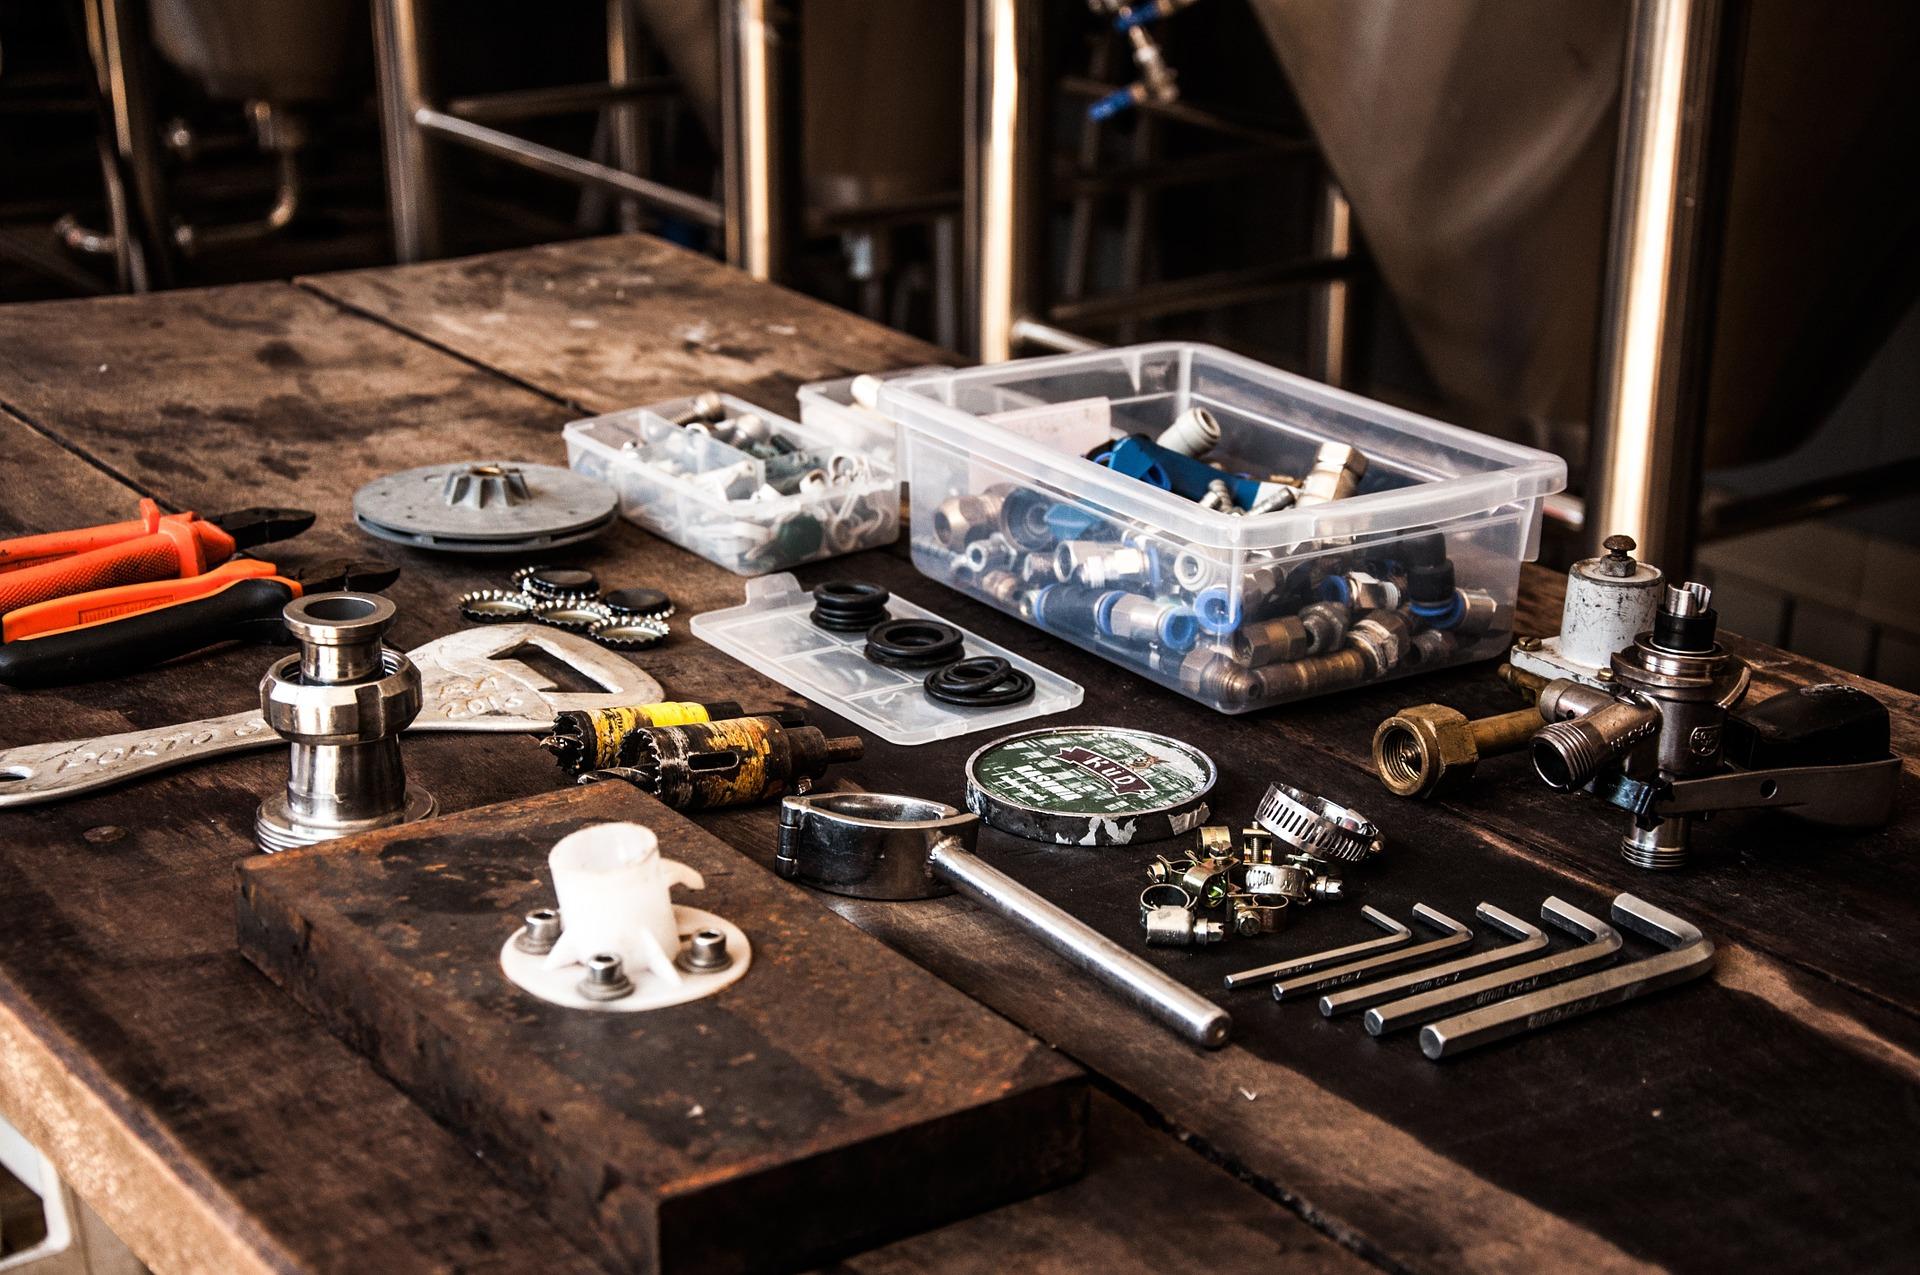 herramientas industriales, mantenimiento